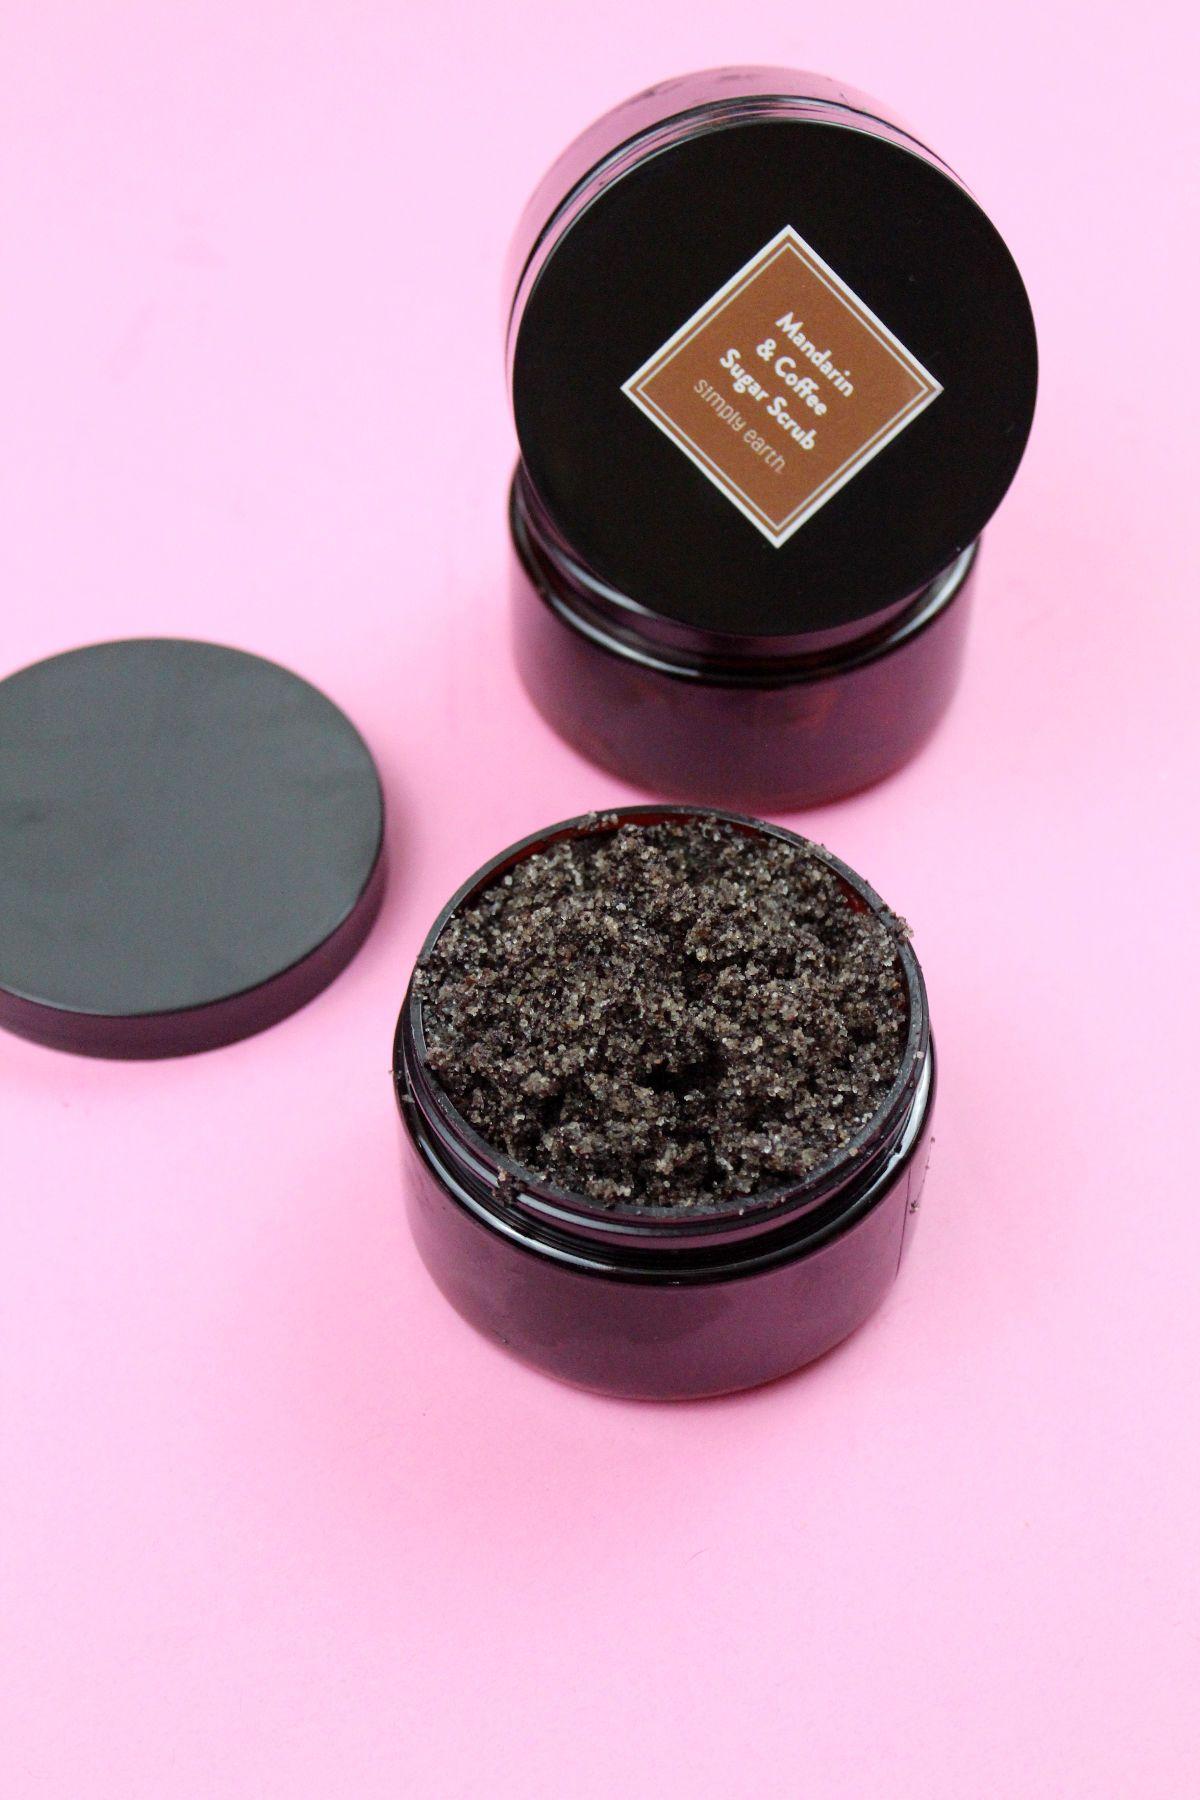 DIY Coffee Body Scrub with Mandarin Essential Oil for